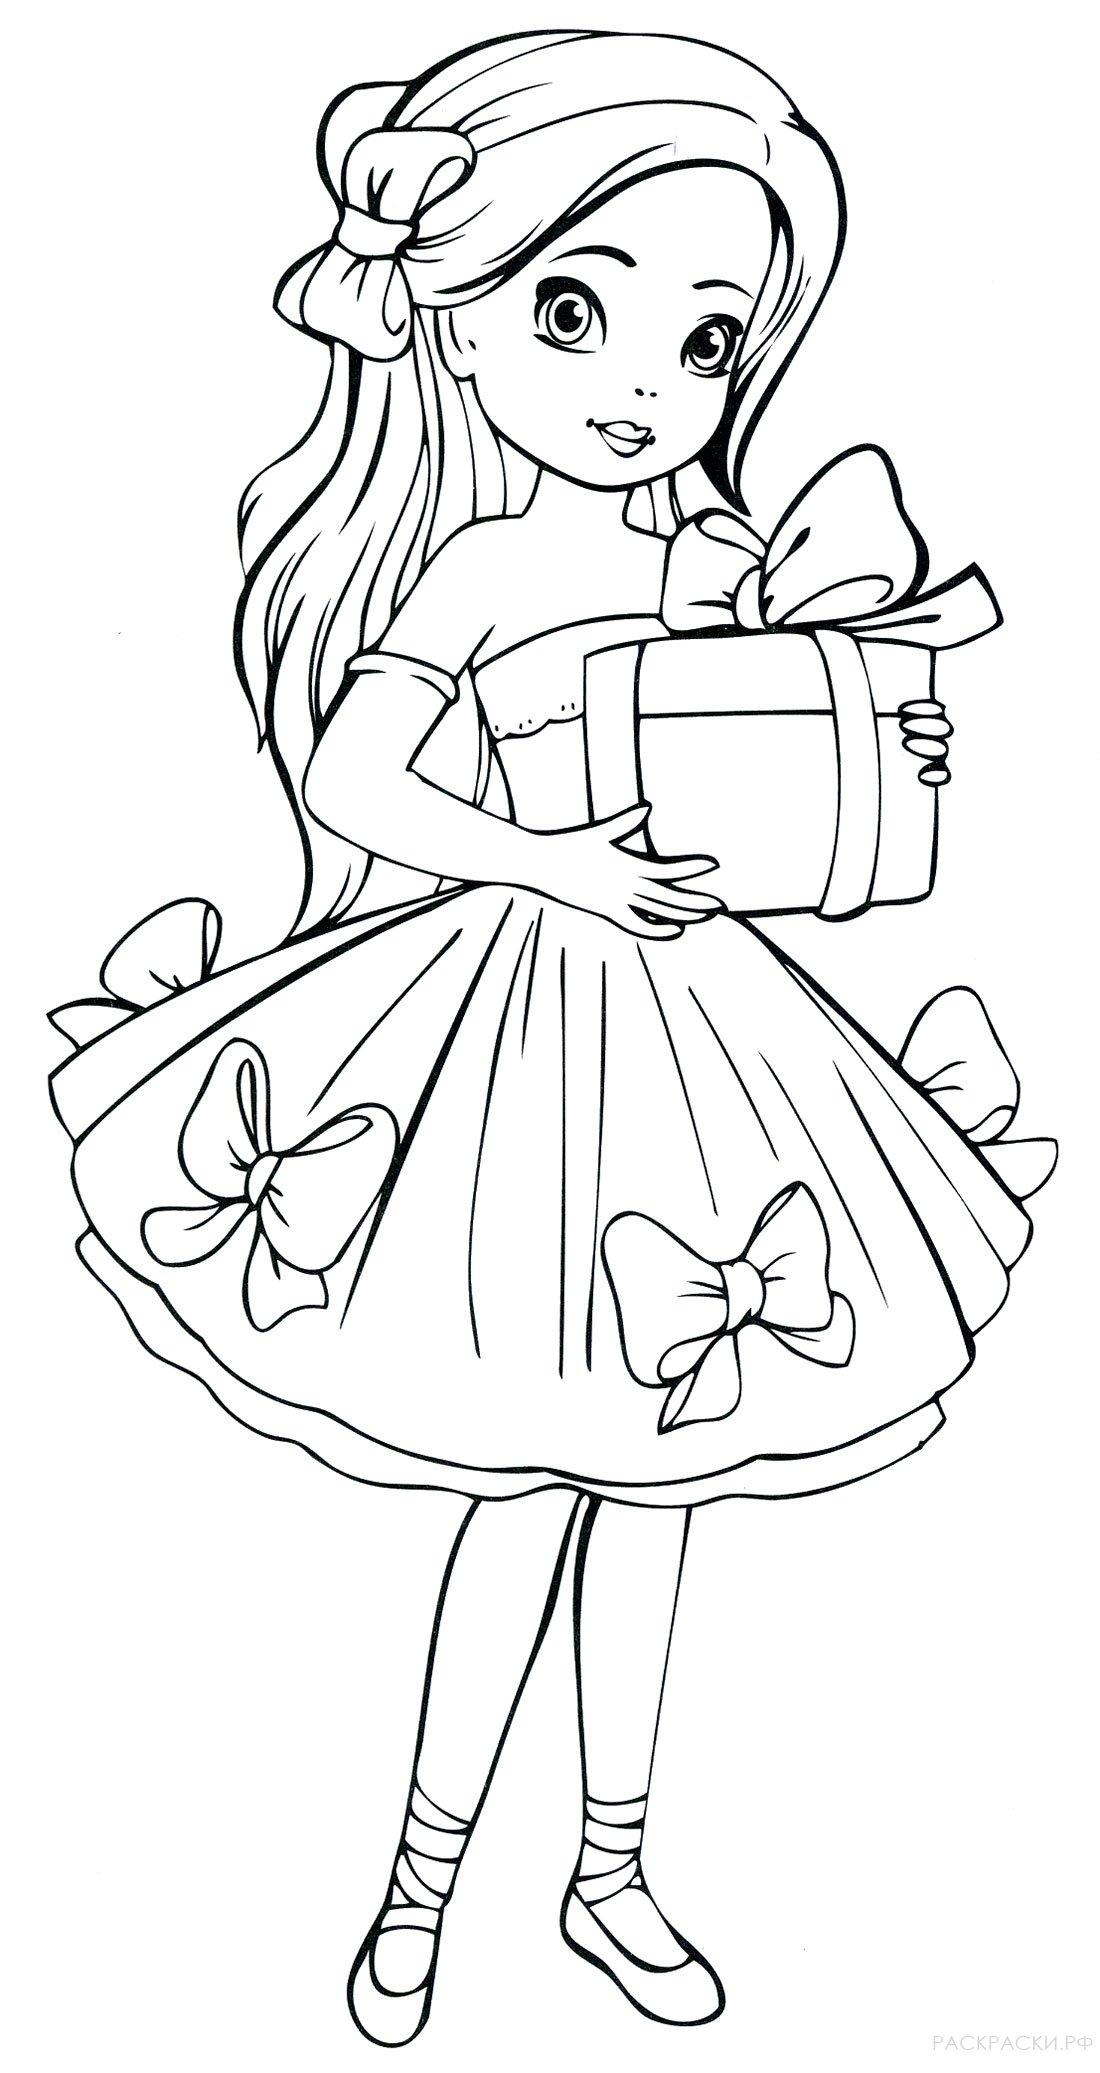 Раскраска девочка с подарком